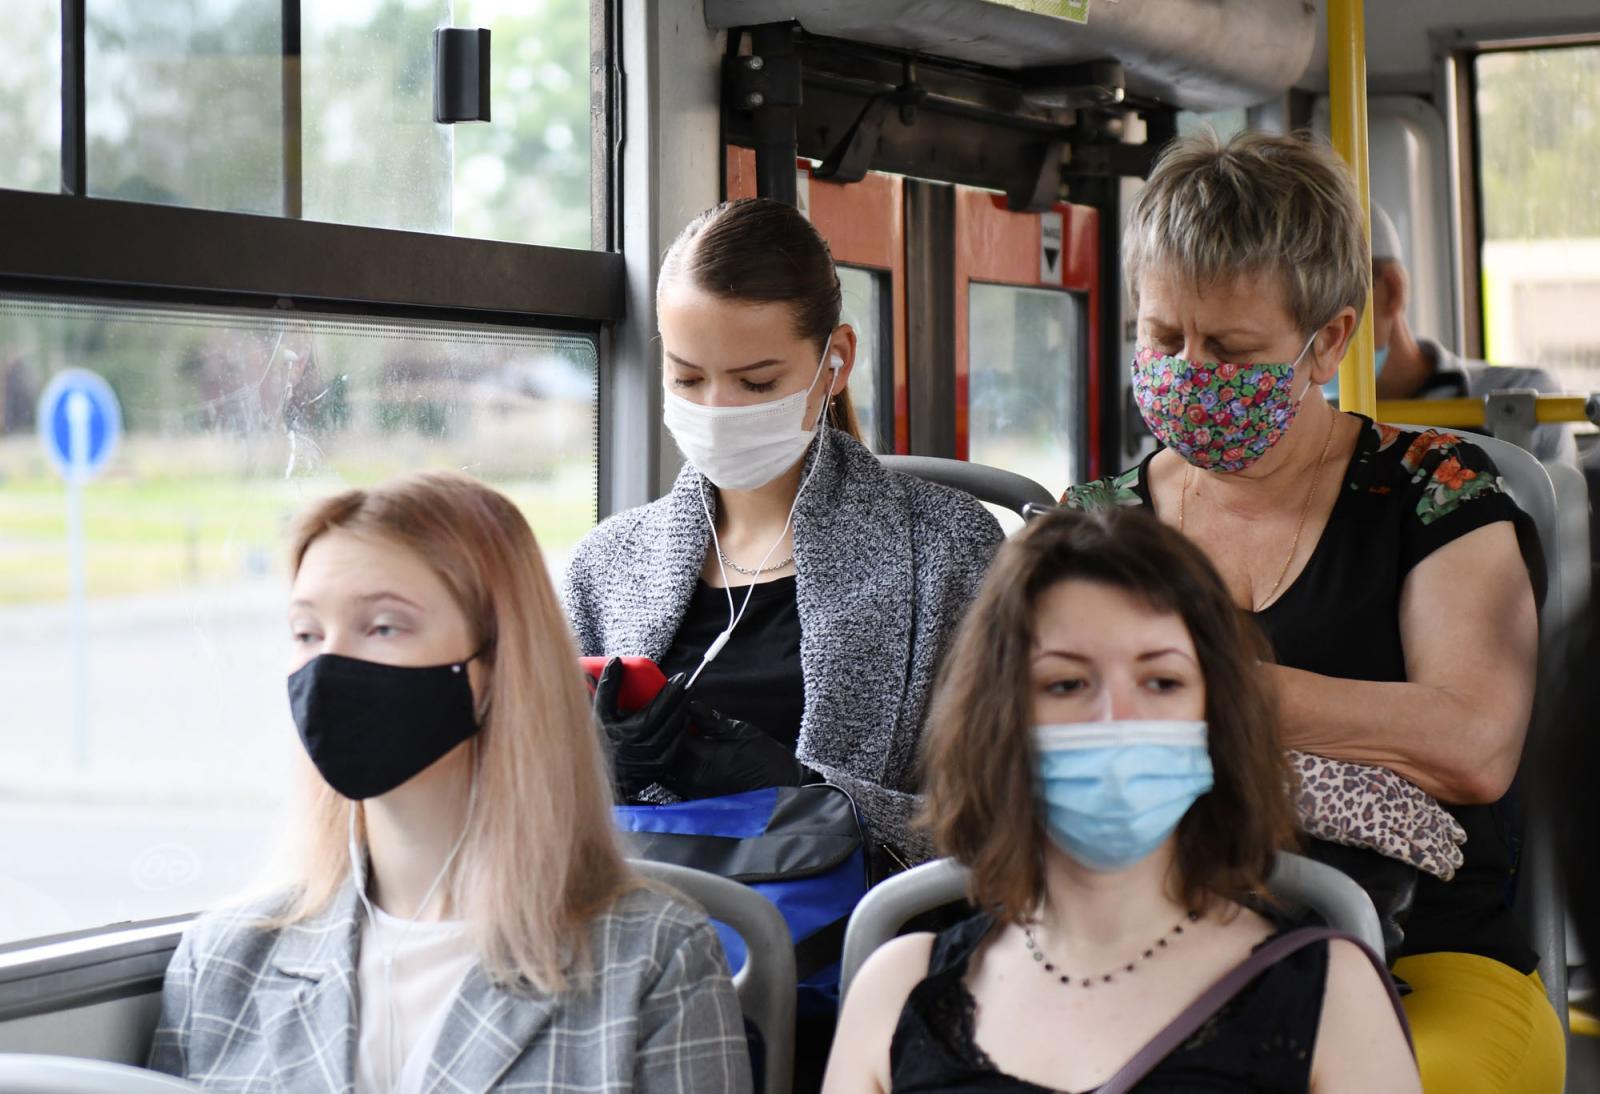 В Брянске за нарушение масочного режима оштрафовали ещё 14 человек